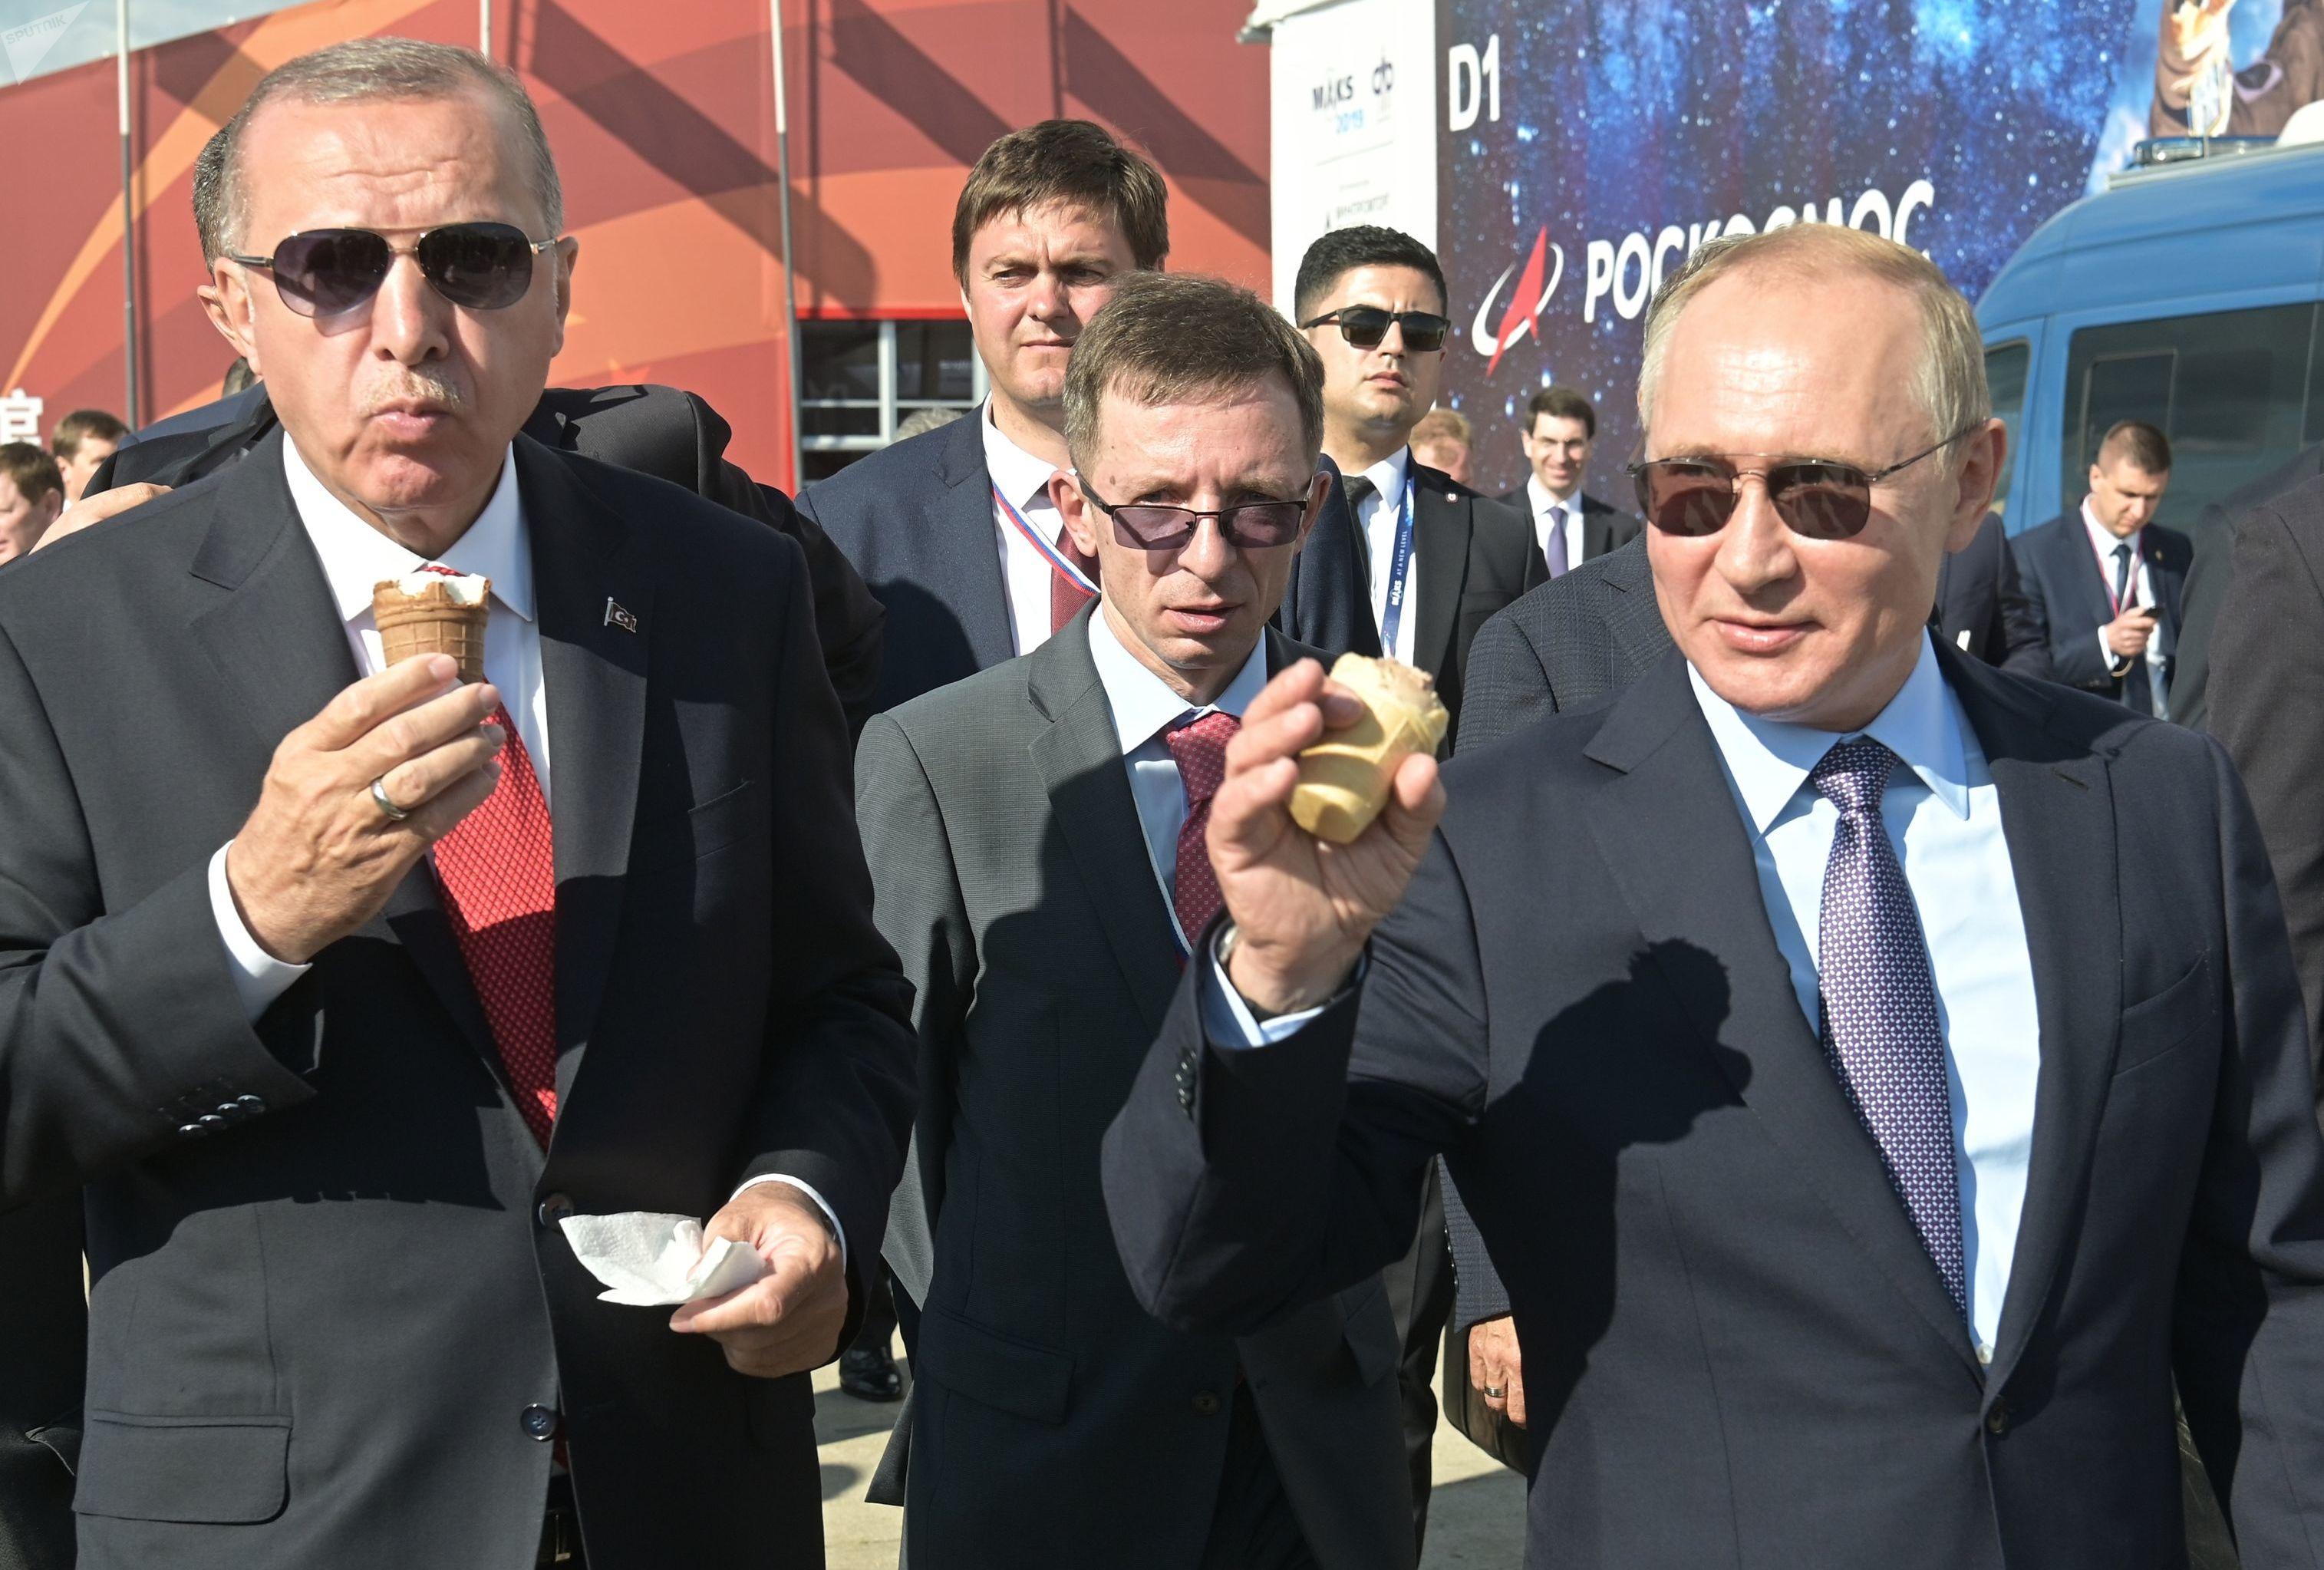 Los presidentes de Rusia y Turquía, Vladímir Putin y Recep Tayyip Erdogan, comen helado durante el MAKS 2019